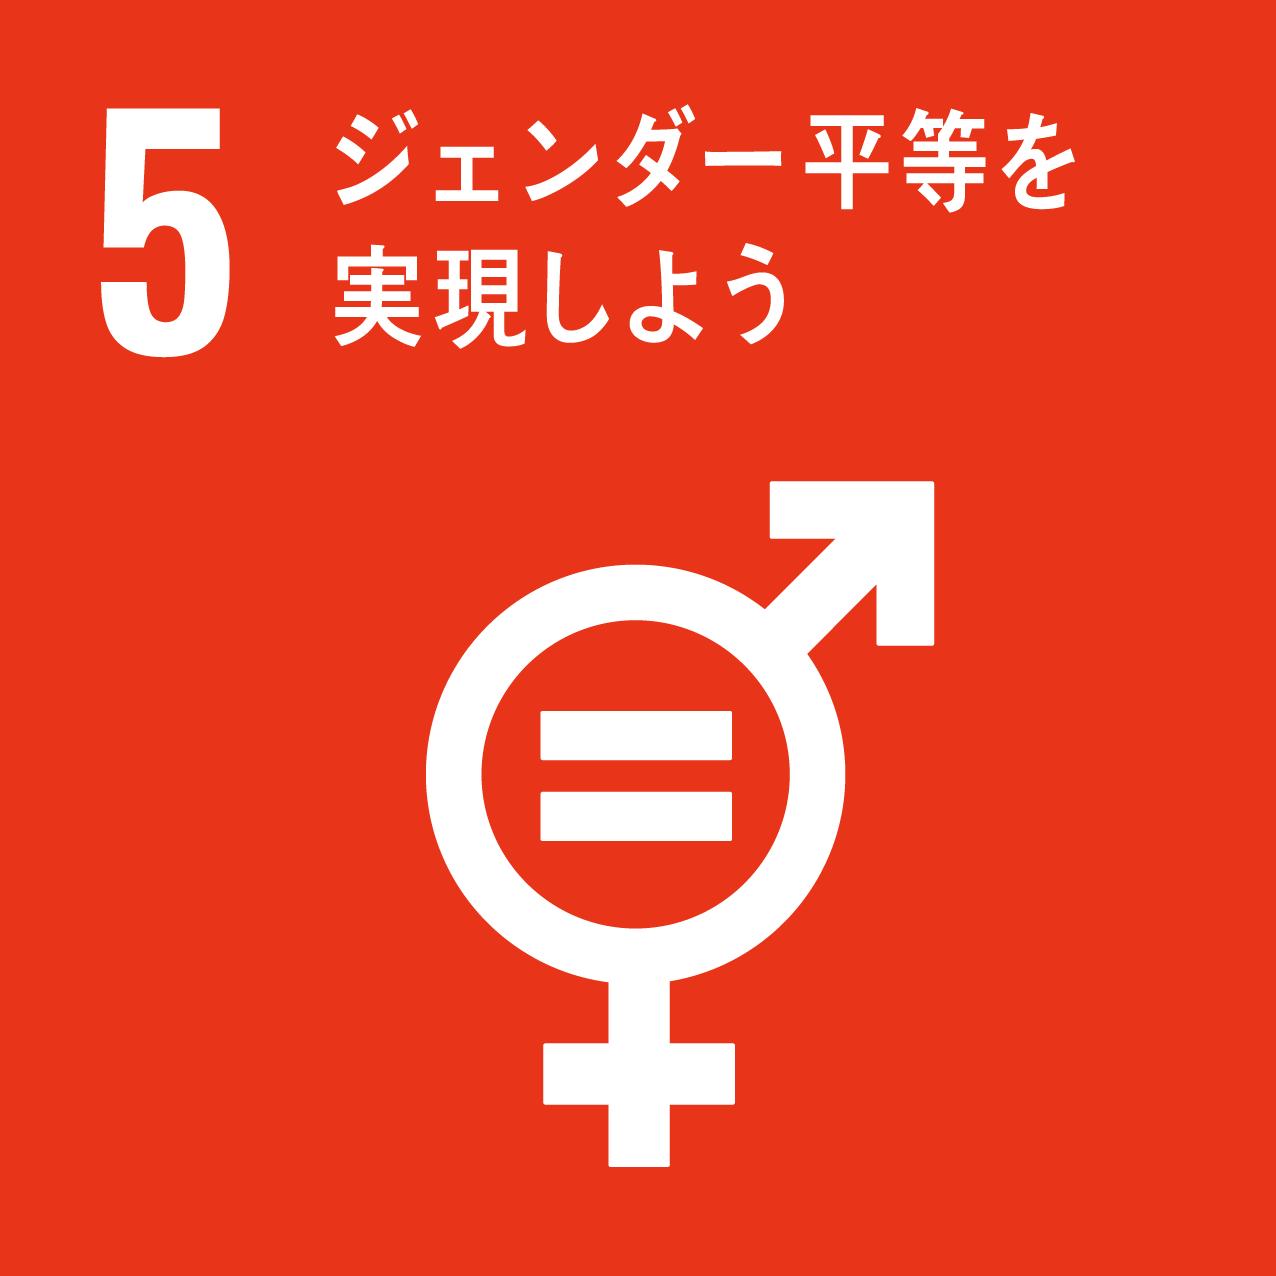 05ジェンダー平等を実現しよう